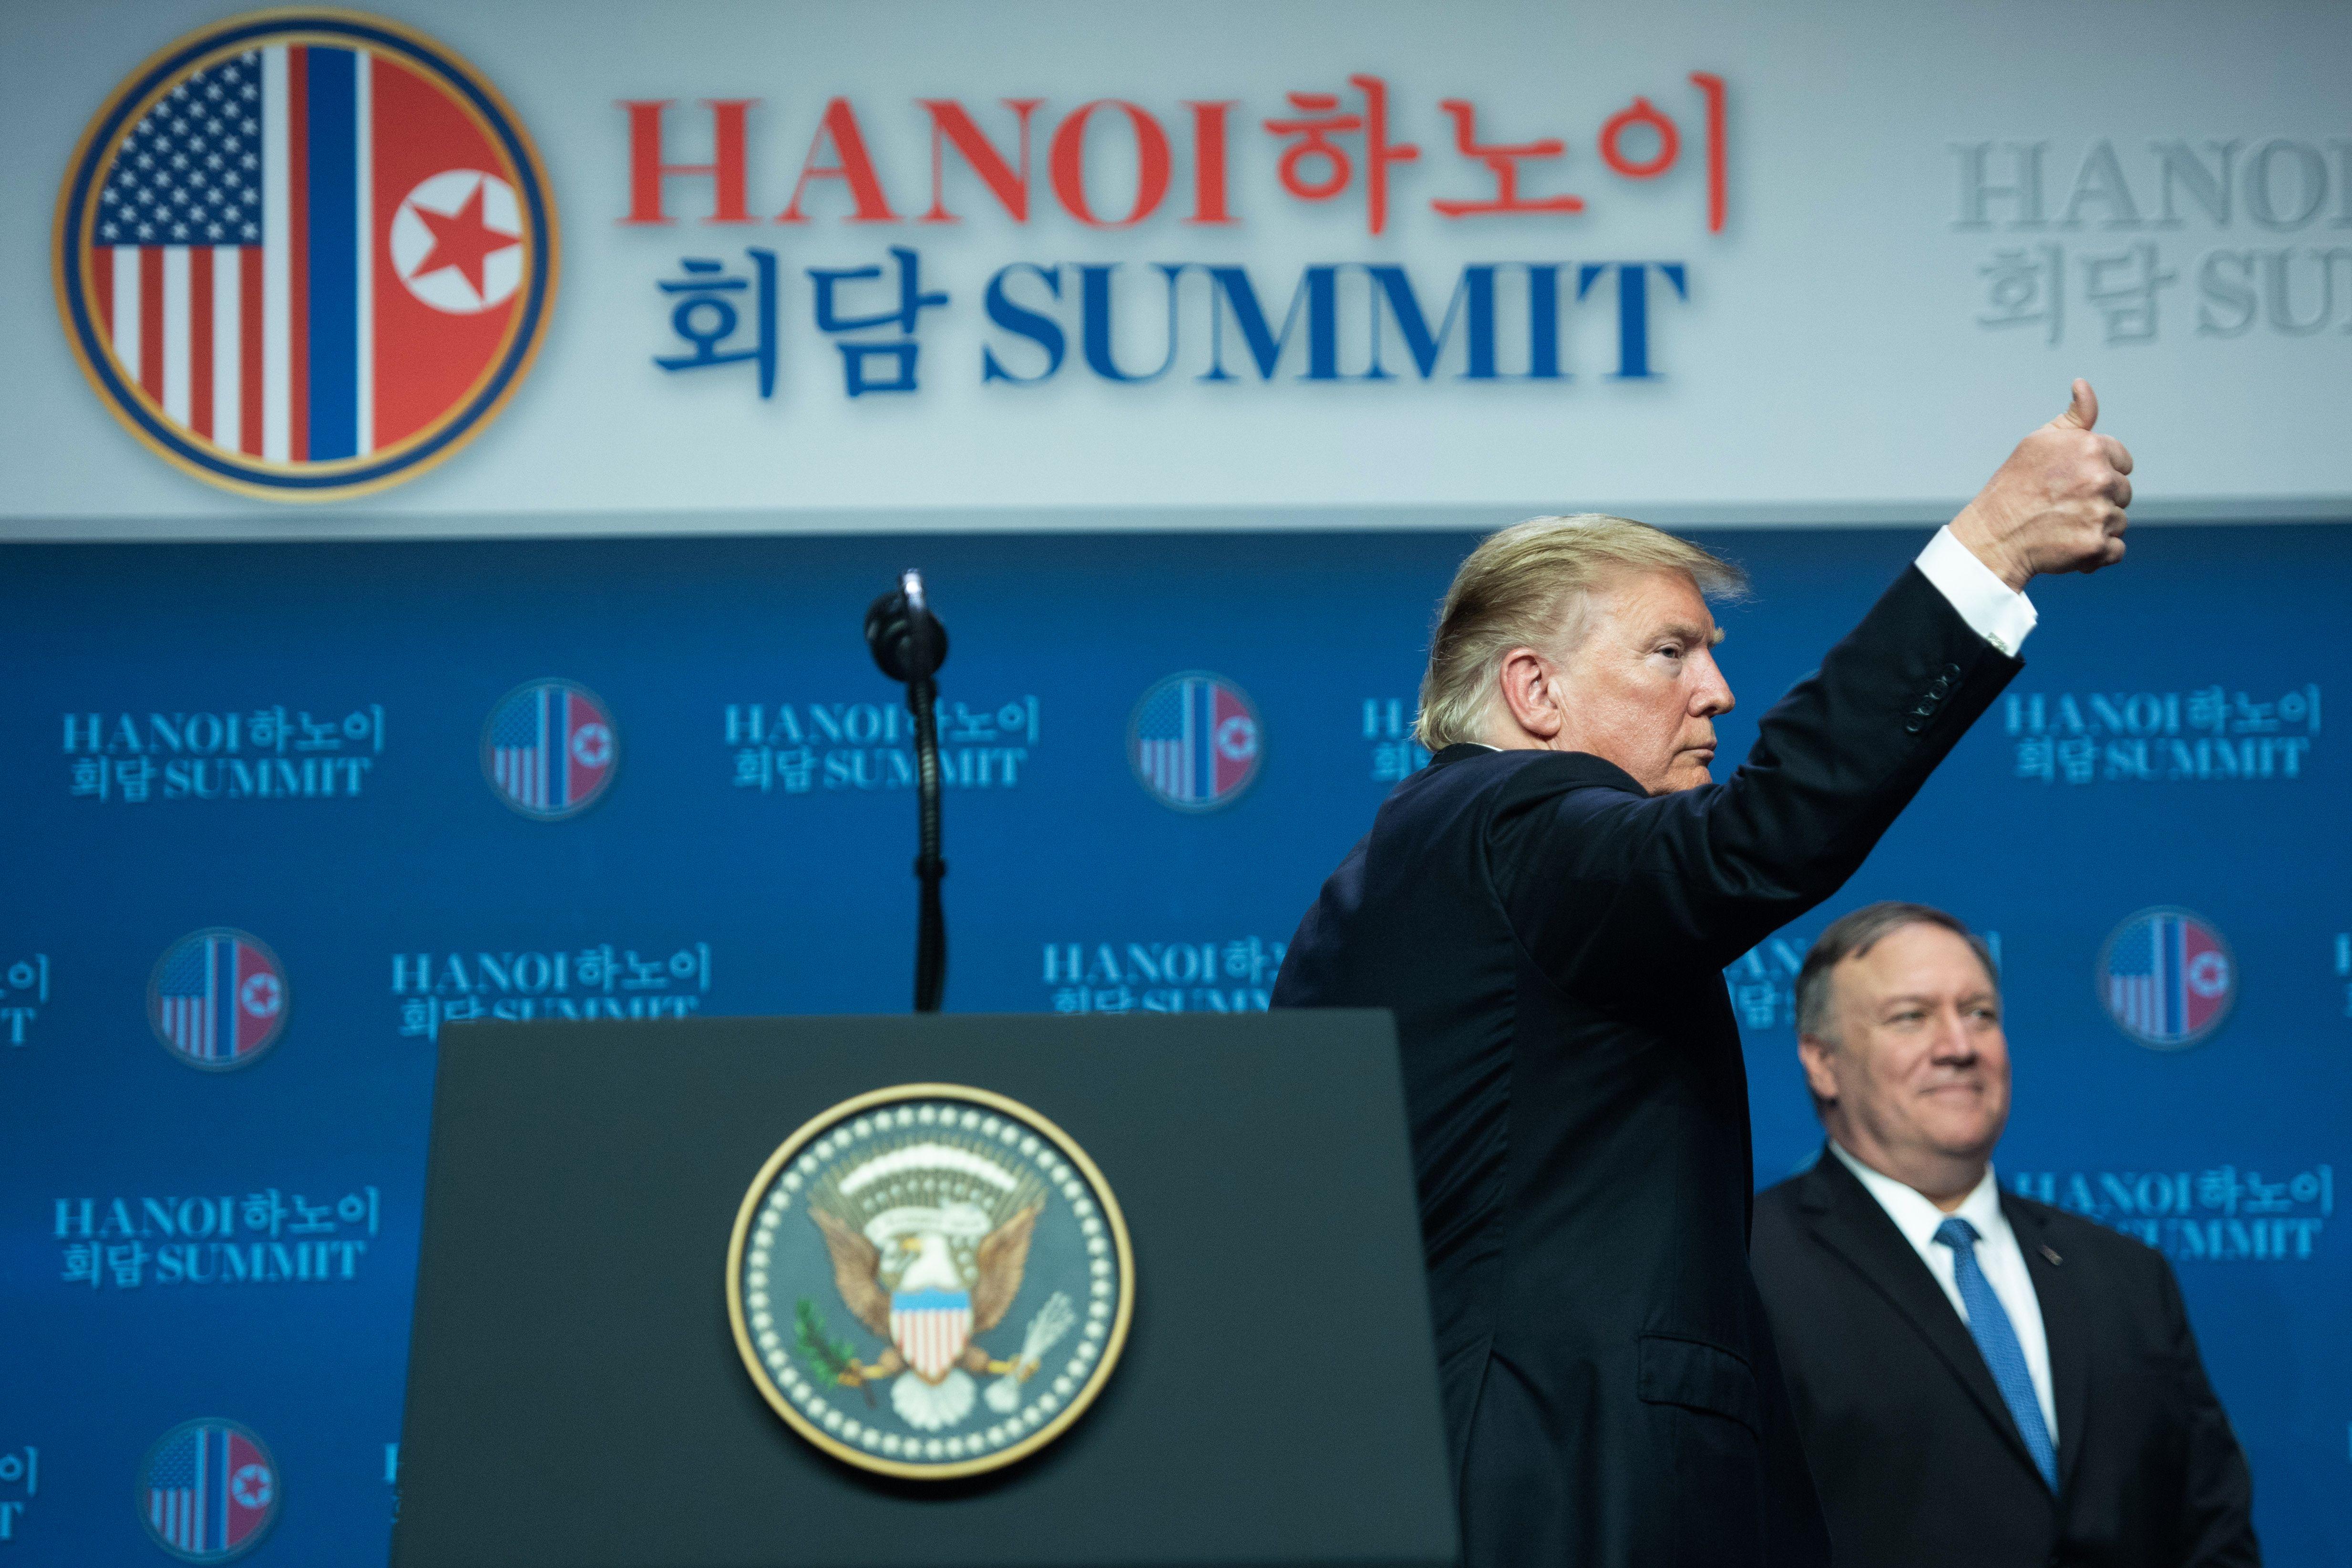 周四(2月28日),美國總統特朗普無法接受北韓完全取消制裁的要求,選擇「走開」,並稱對中國的談判亦是如此。專家認為,特朗普這項決定是一箭雙鵰之舉,中共對美談判「沒有勝算」。 (SAUL LOEB/AFP/Getty Images)